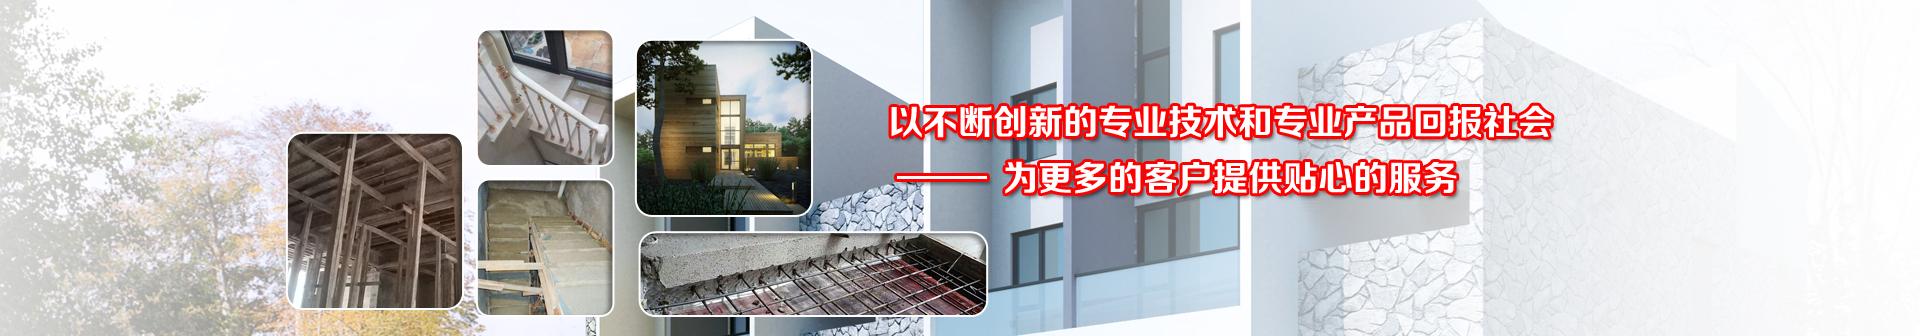 重庆别墅改造